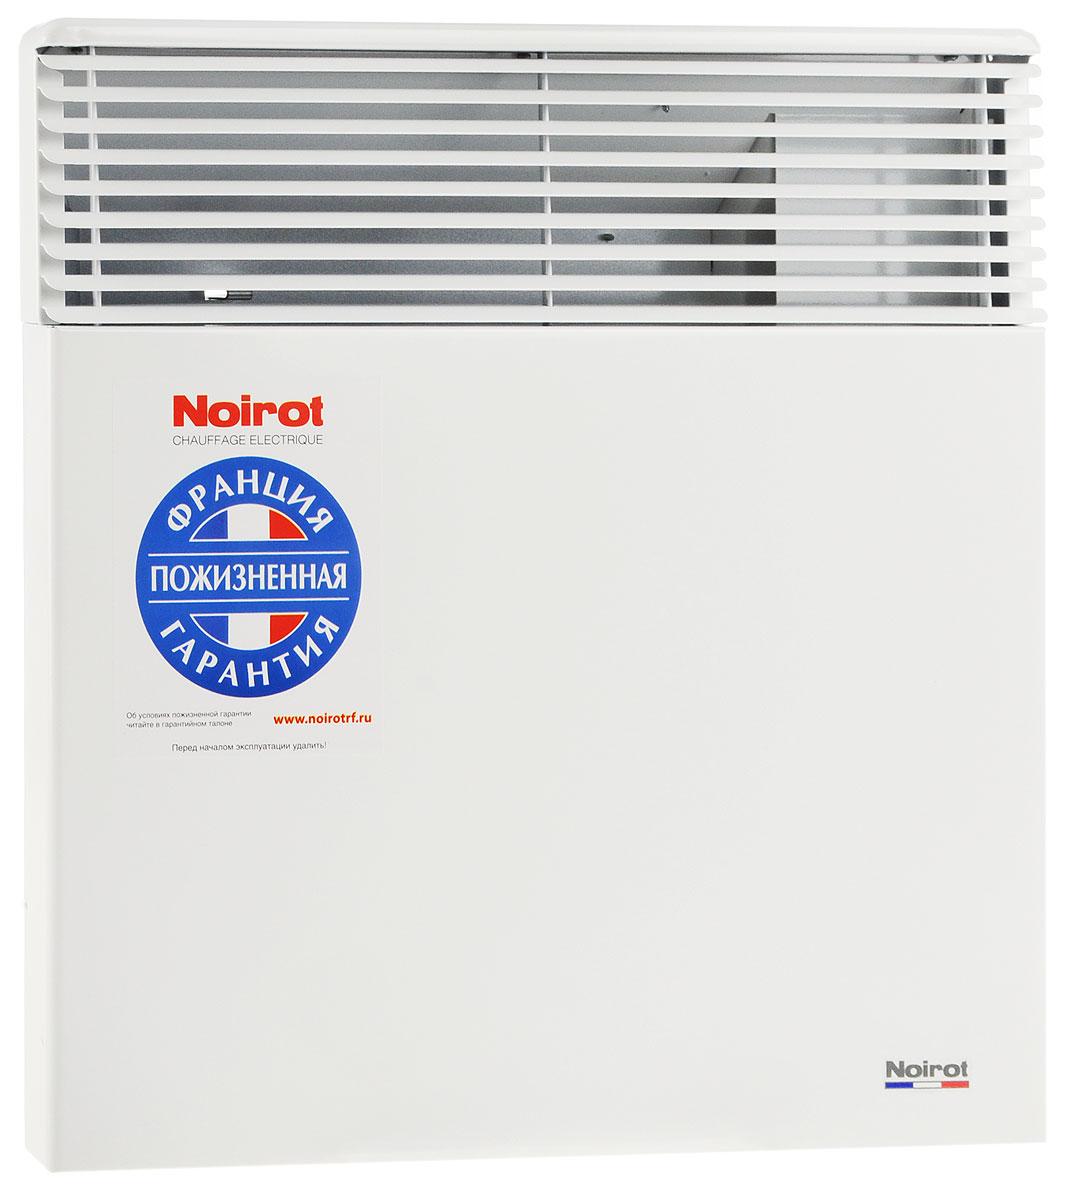 Noirot Spot E-5 1000W обогревательHYH1173FDFSNoirot Spot E-5 - это электрический обогреватель конвективного типа. Вся конструкция направлена на равномерное распределение тепла для обогрева с максимальным комфортом. Конвектор работает по принципу естественной конвекции. Холодный воздух, проходя через прибор и его нагревательный элемент, нагревается и выходит сквозь решетки-жалюзи, незамедлительно начиная обогревать помещение. Конструктивные особенности конвекторов серии Spot E-5 исключают возникновение посторонних шумов при нагреве и остывании электрических обогревателей и гарантируют полную безопасность в эксплуатации (отсутствие острых углов, нагрев поверхности не выше 60°С). Обогреватели серии оснащены электронным цифровым термостатом ASIC, который поддерживает температуру с точностью до 0,1°С. Высокая точность поддержания температуры приводит к экономии электроэнергии, увеличению срока службы прибора и созданию максимального комфорта в помещении без скачков температуры. ...